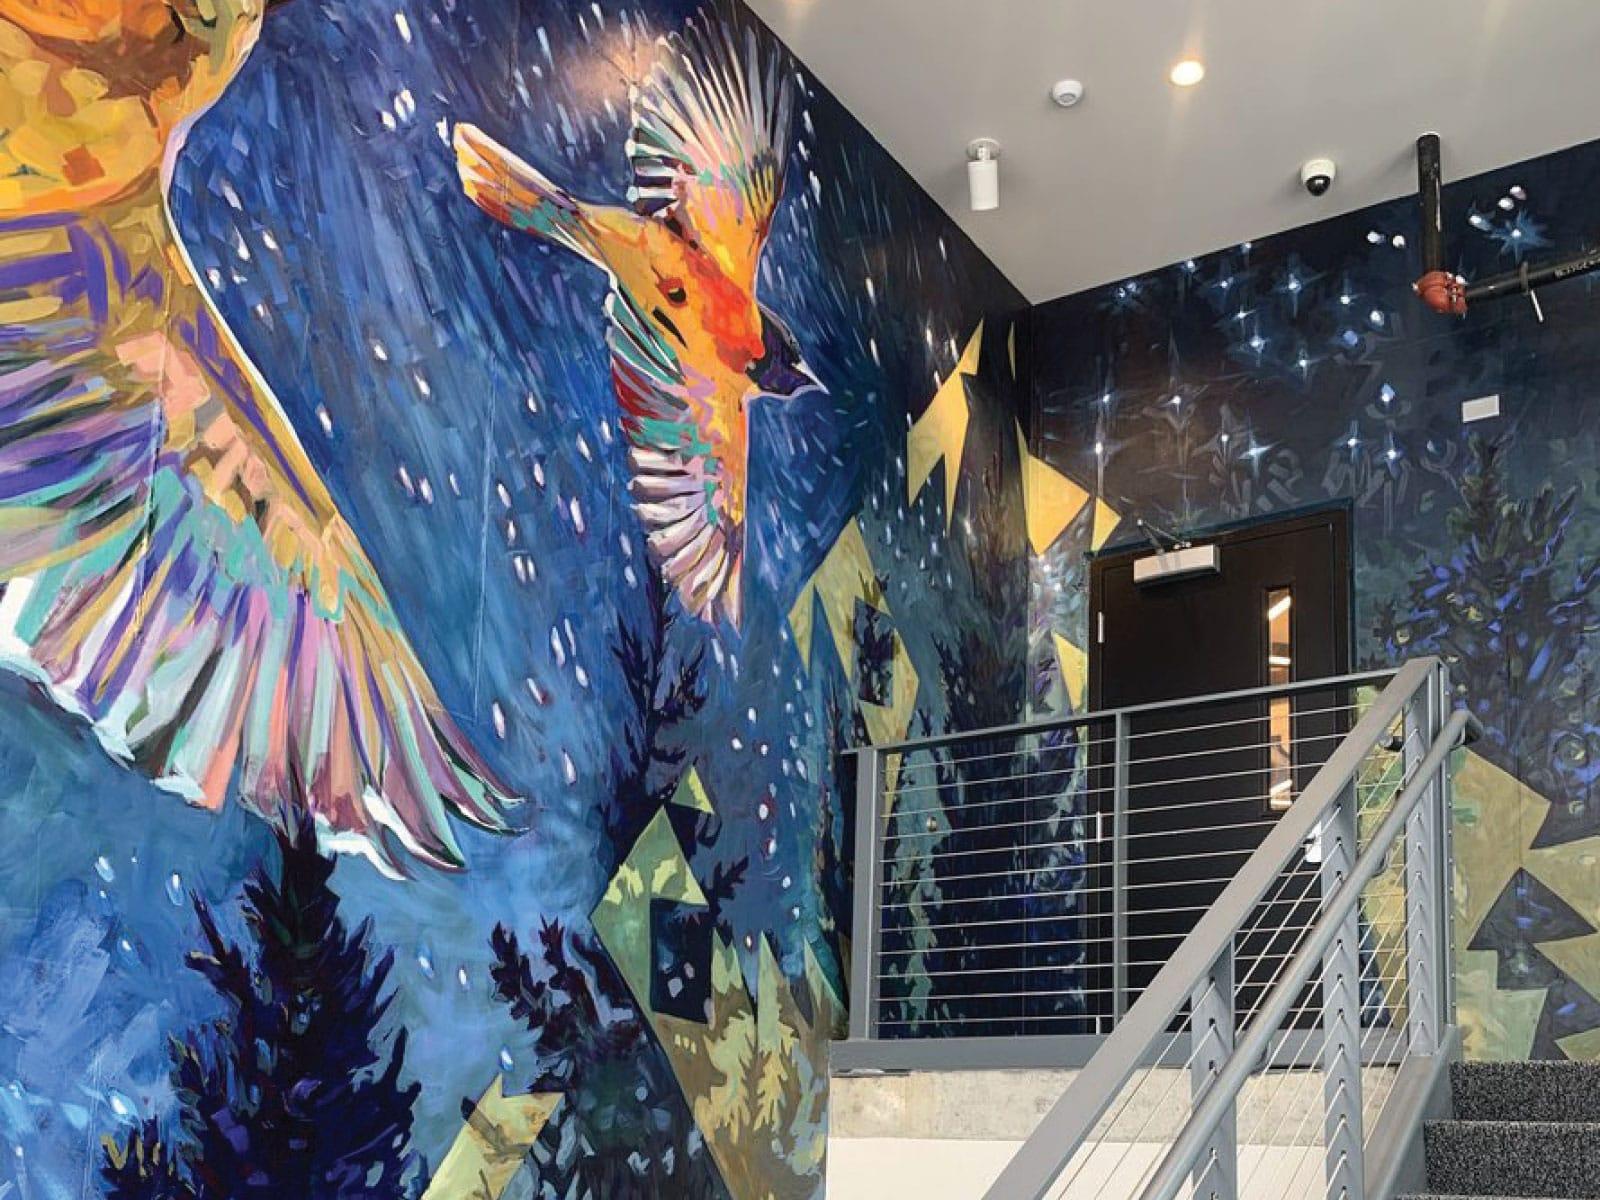 mural featuring birds